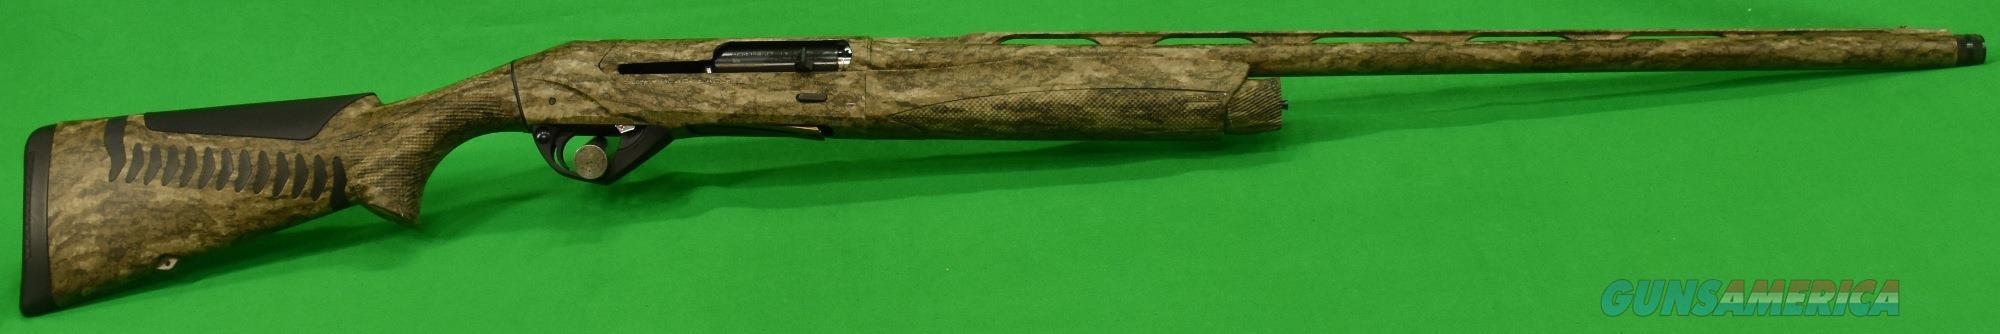 10351 Benelli Super Black Eagle 3 Bottomland Camo 12 Ga 28-3.5In  Guns > Shotguns > Benelli Shotguns > Sporting